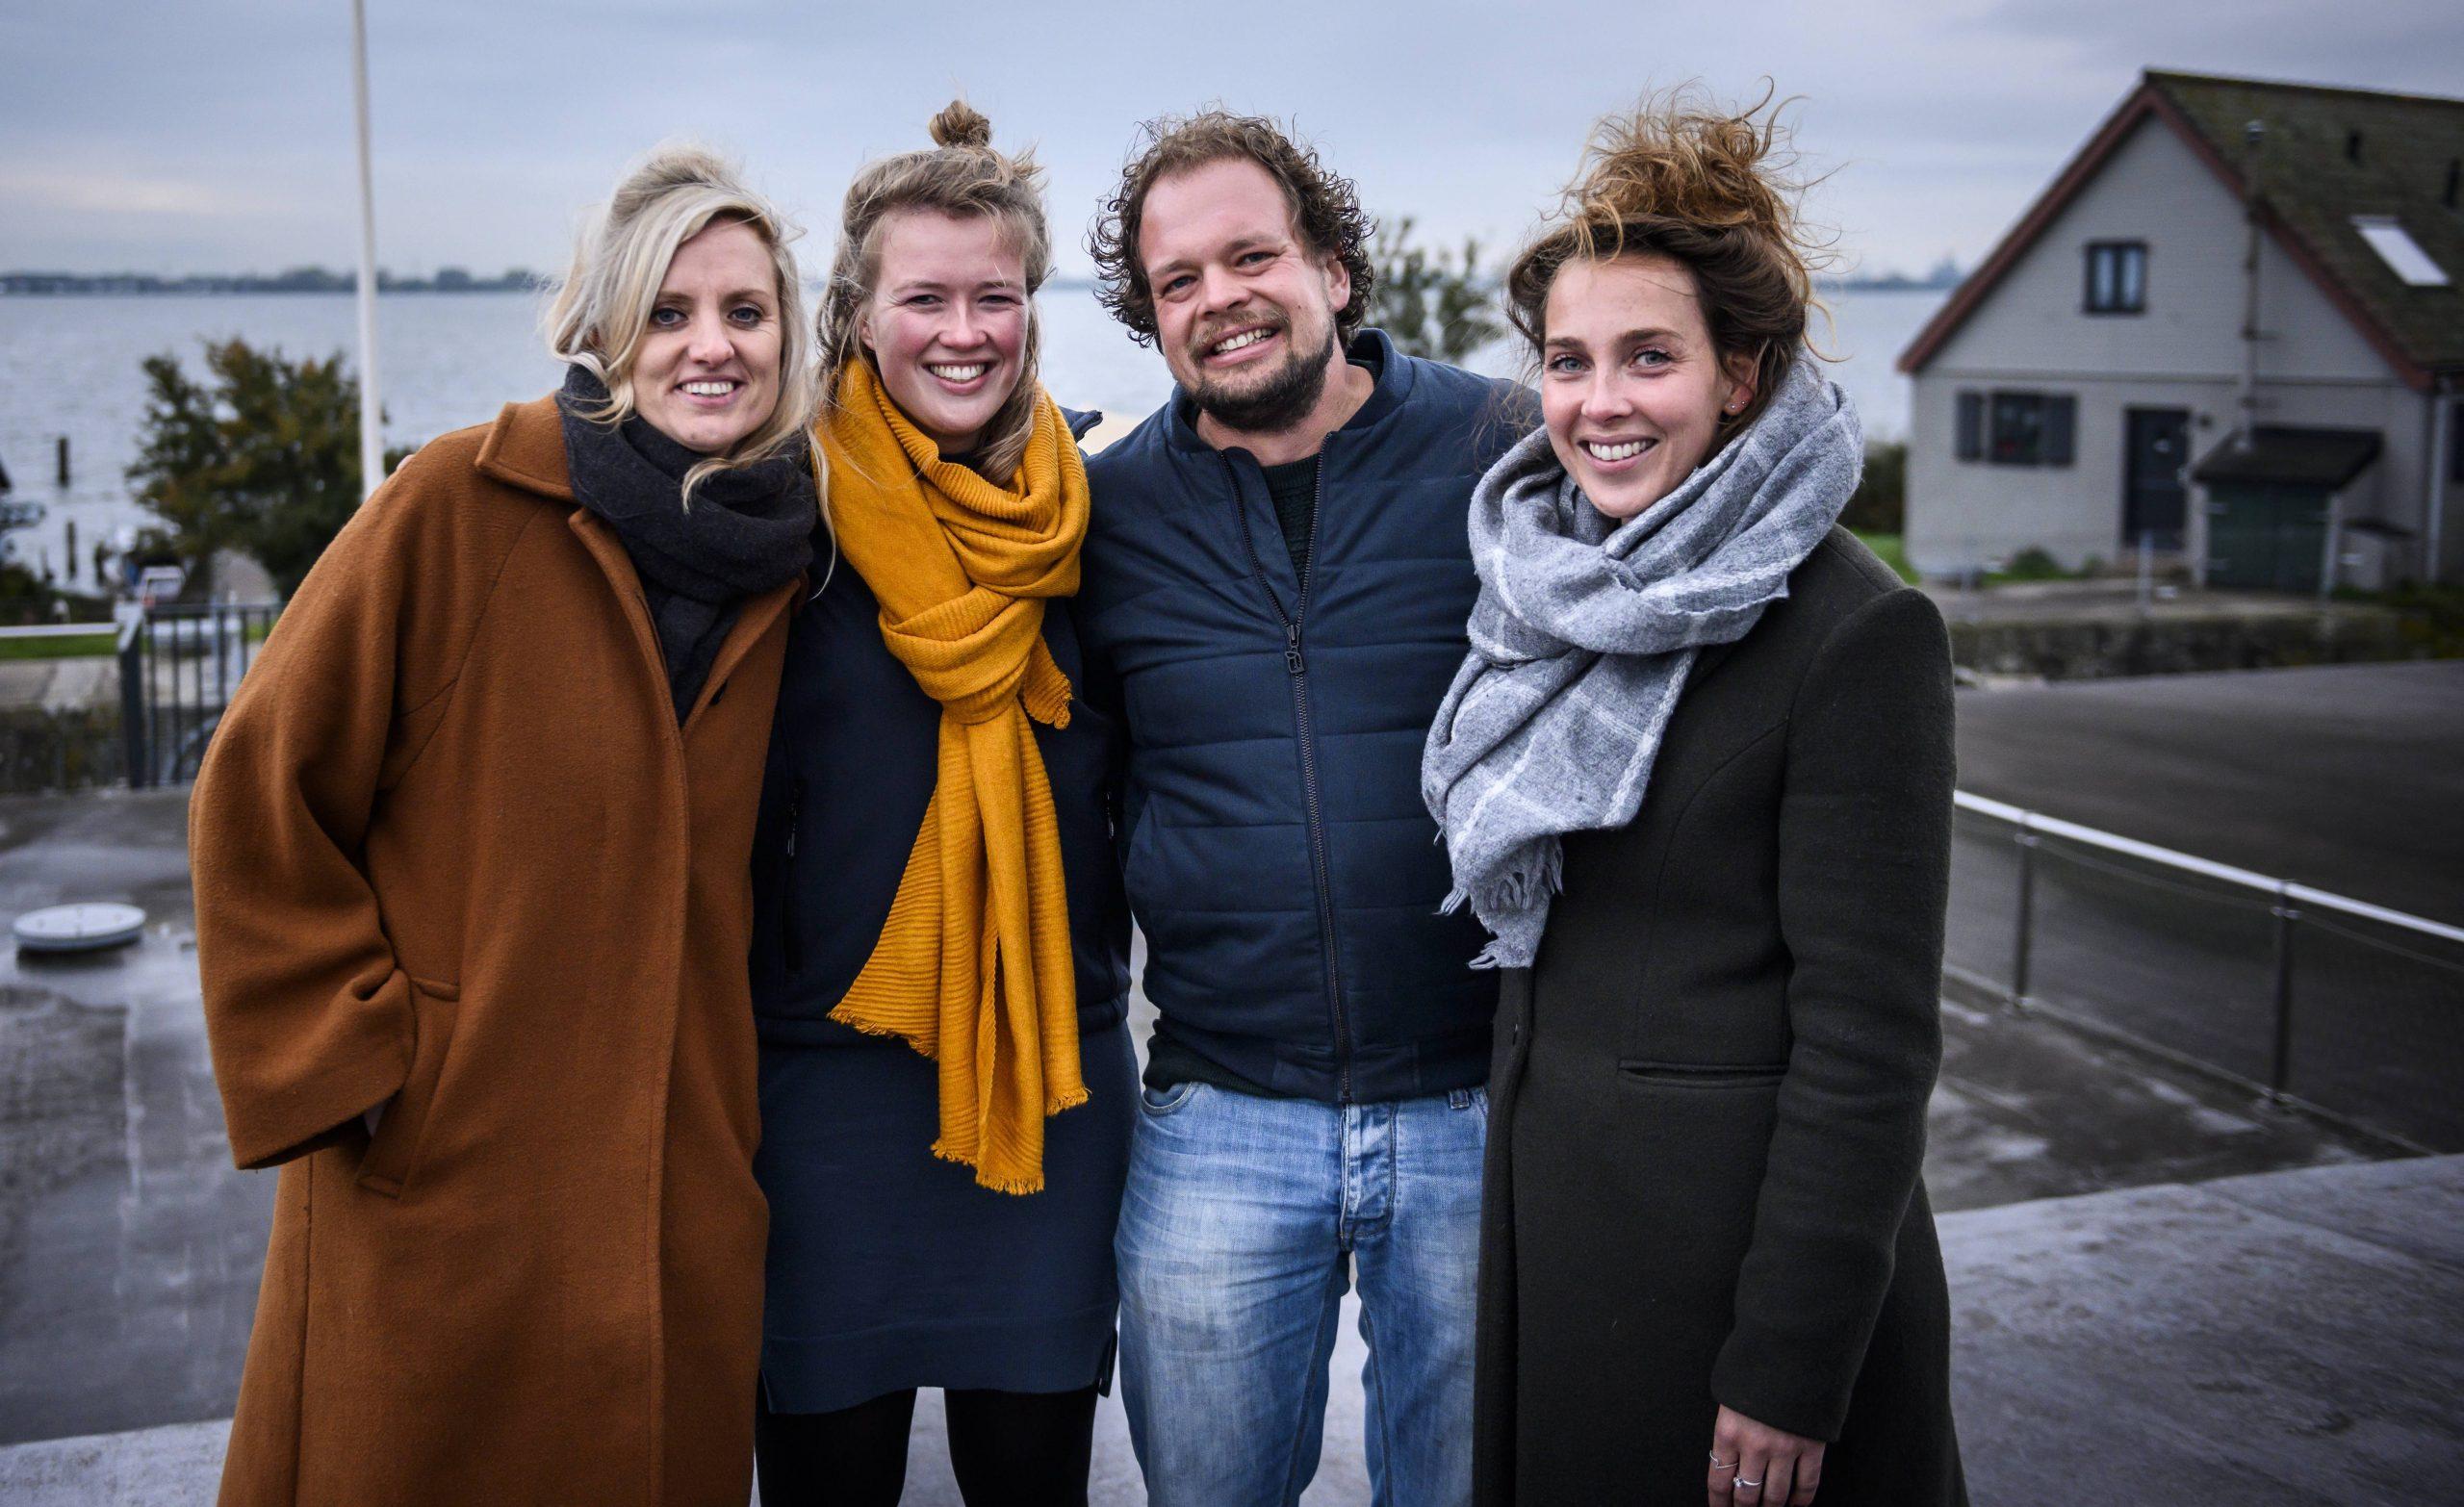 Boer zoekt Vrouw: keuzemoment voor Geert, Bastiaan en Annemiek